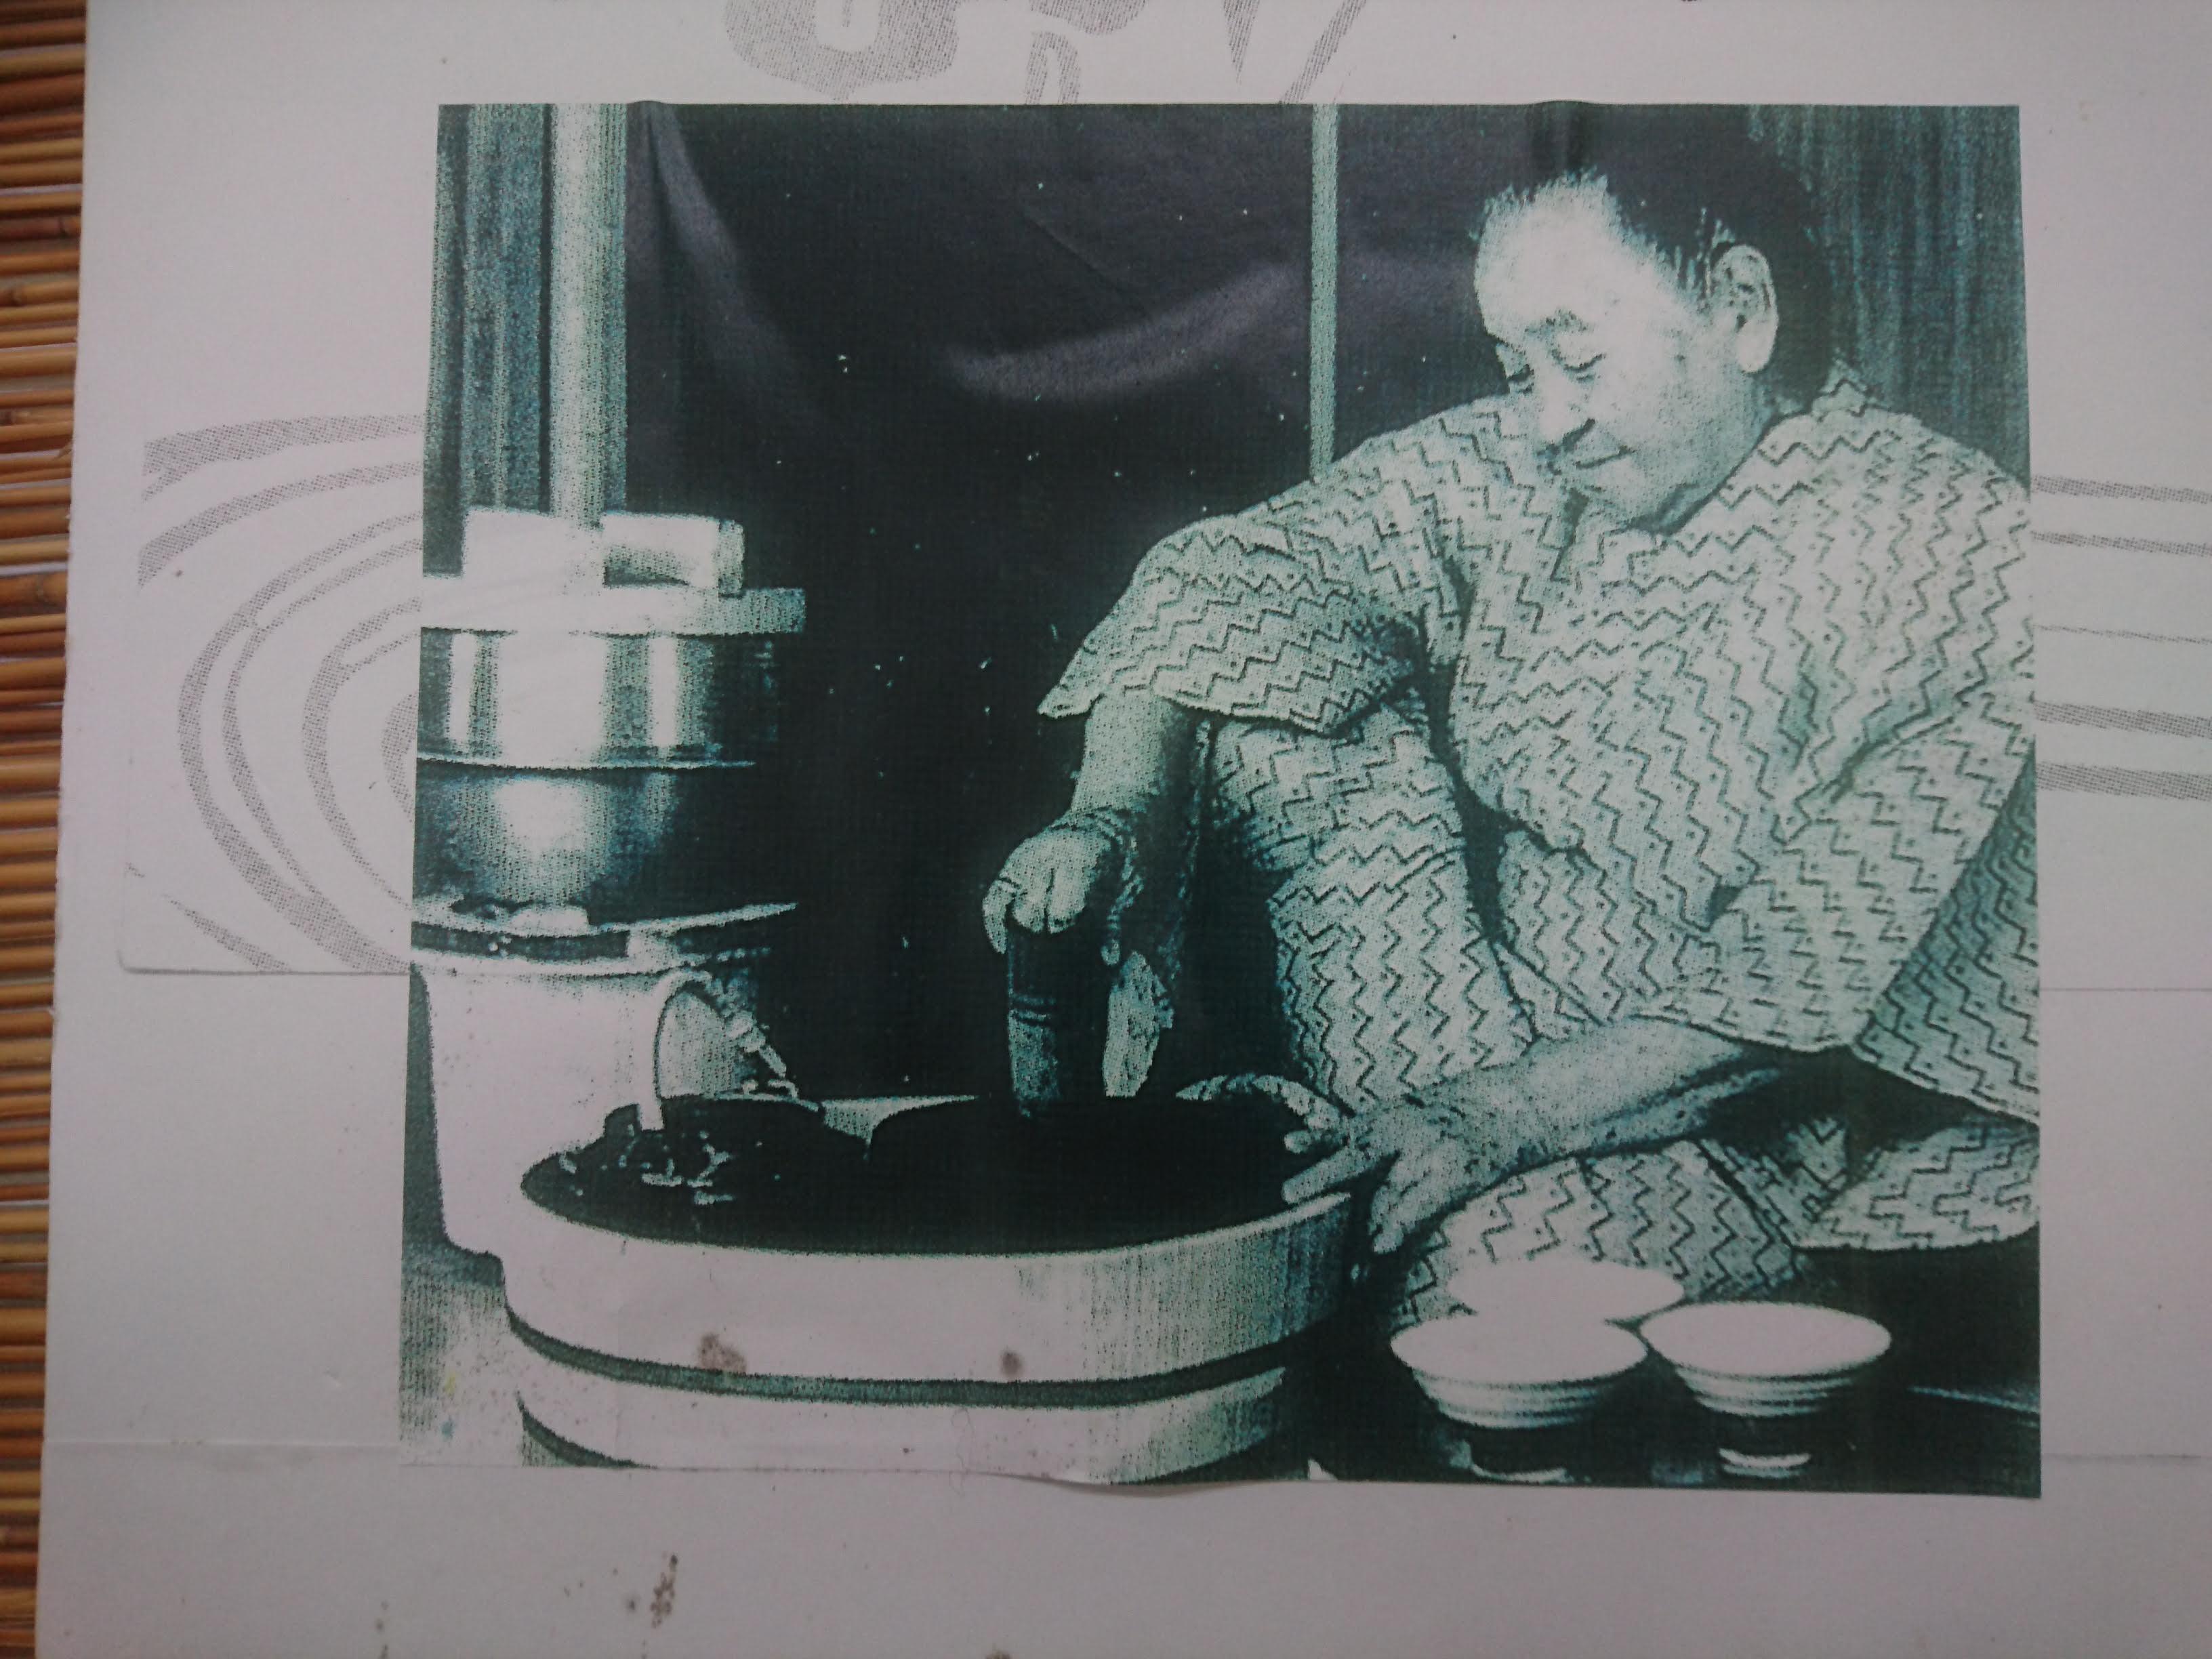 【写真4】ぶくぶく茶の泡を点てている様子。 安次富順子(1992年)『ブクブクー茶』 ニライ社